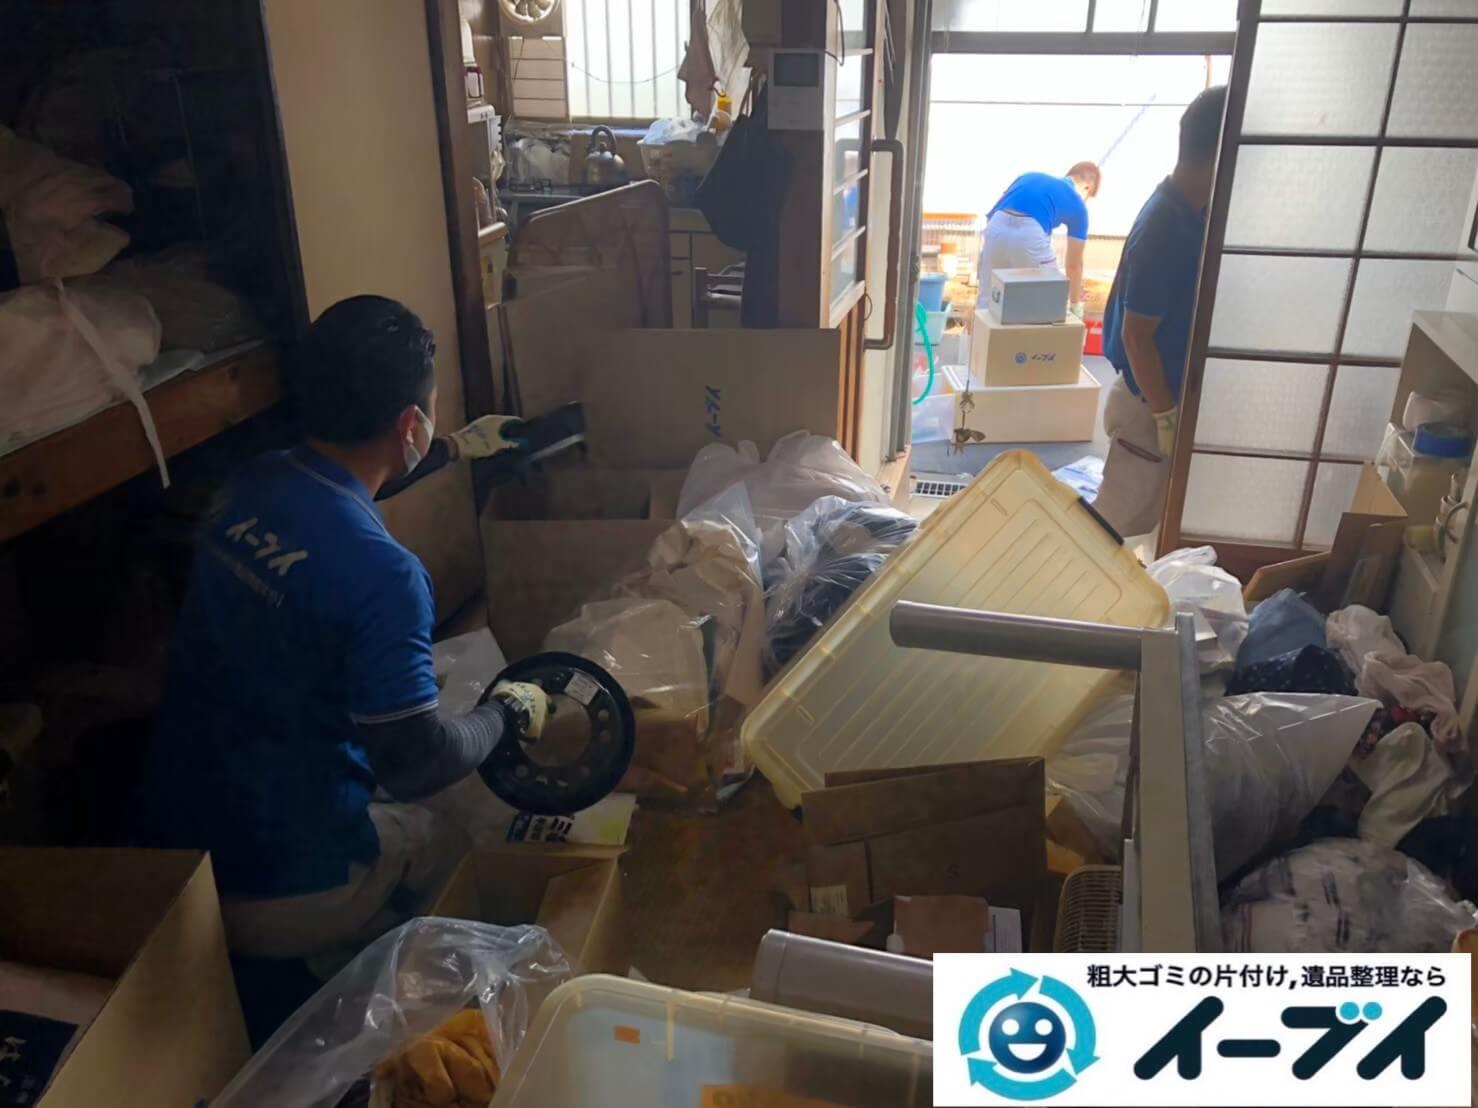 2020年10月2日大阪府大阪市天王寺区でゴミ屋敷化した汚部屋の片付け作業です。写真4